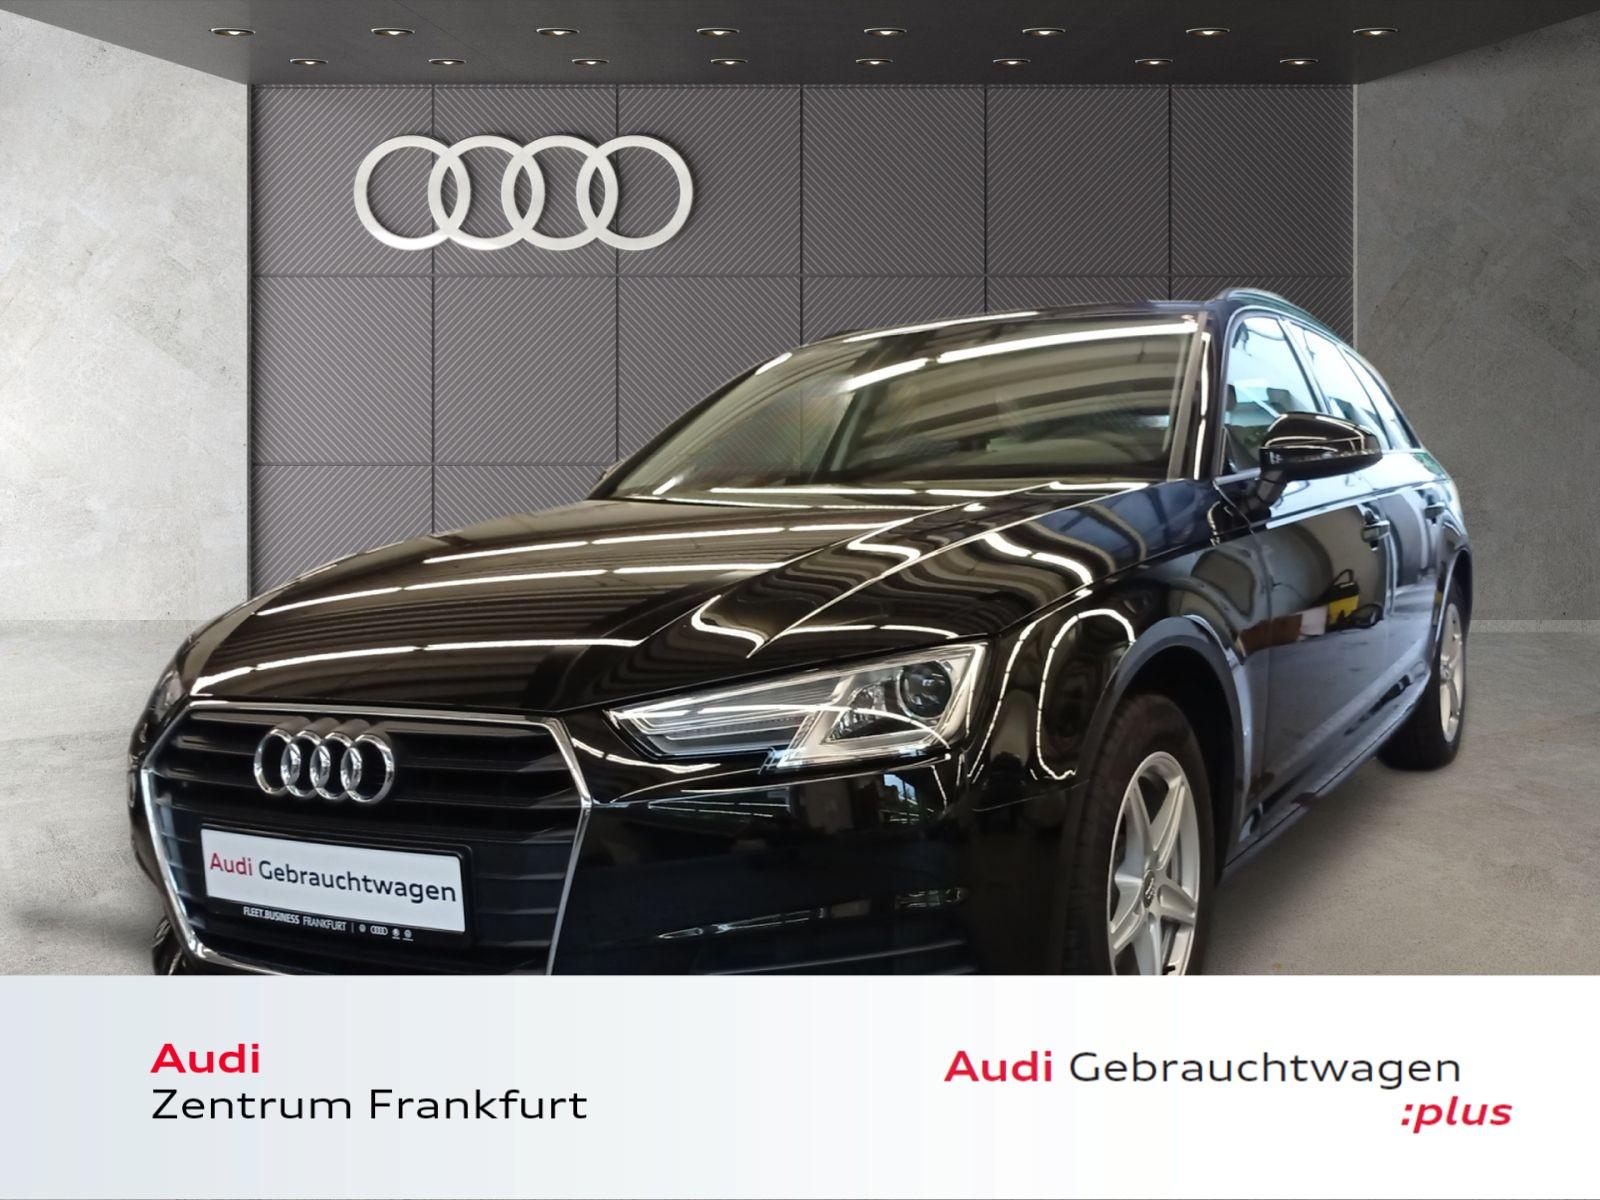 Audi A4 Avant 1.4 TFSI Xenon Klimaautomatik, Jahr 2018, Benzin